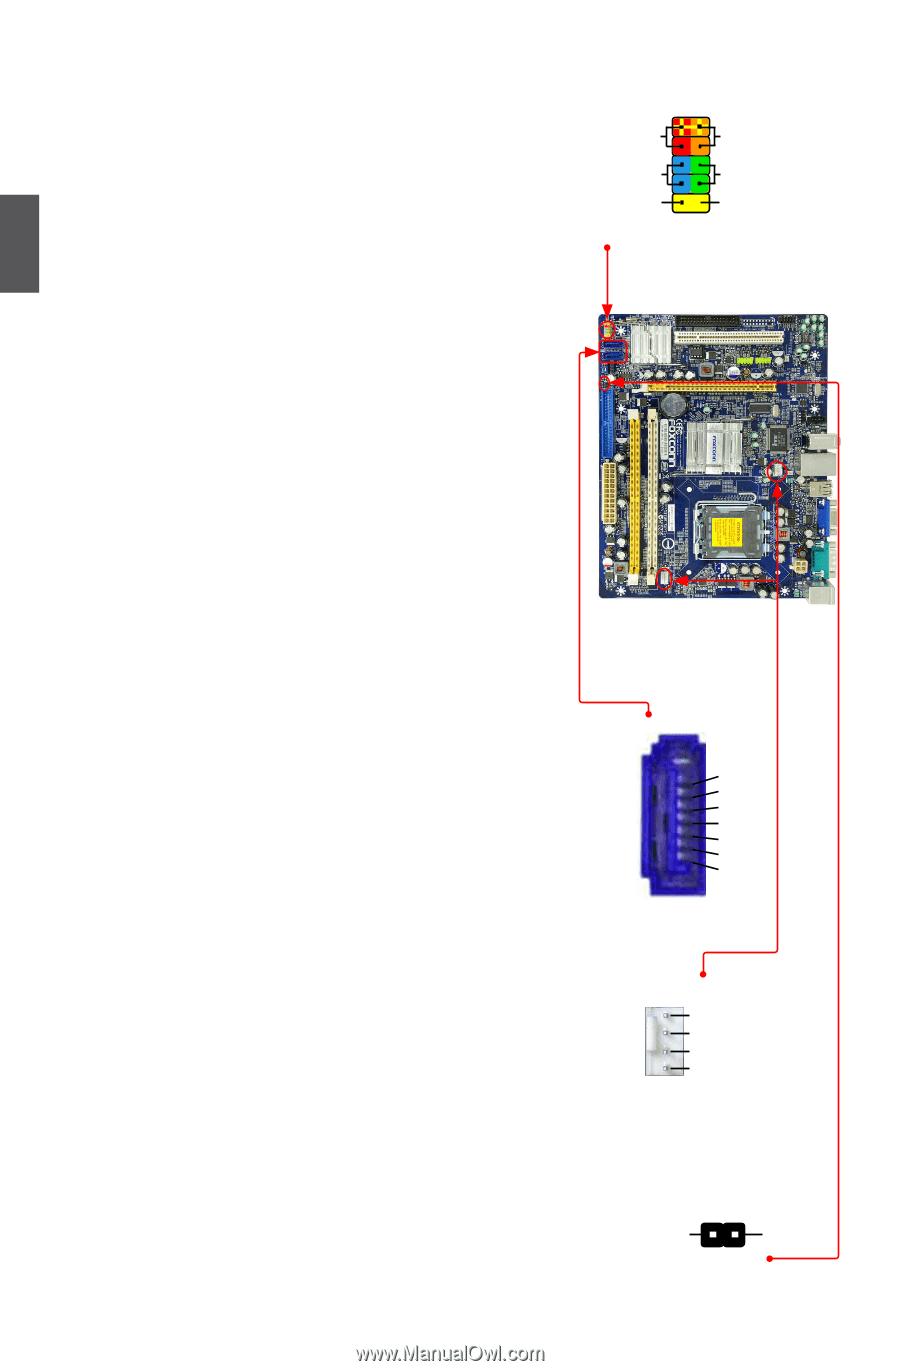 foxconn g31mv k english manual page 23 rh manualowl com foxconn g31mv-k drivers windows 7 32bit foxconn g31mv-k drivers